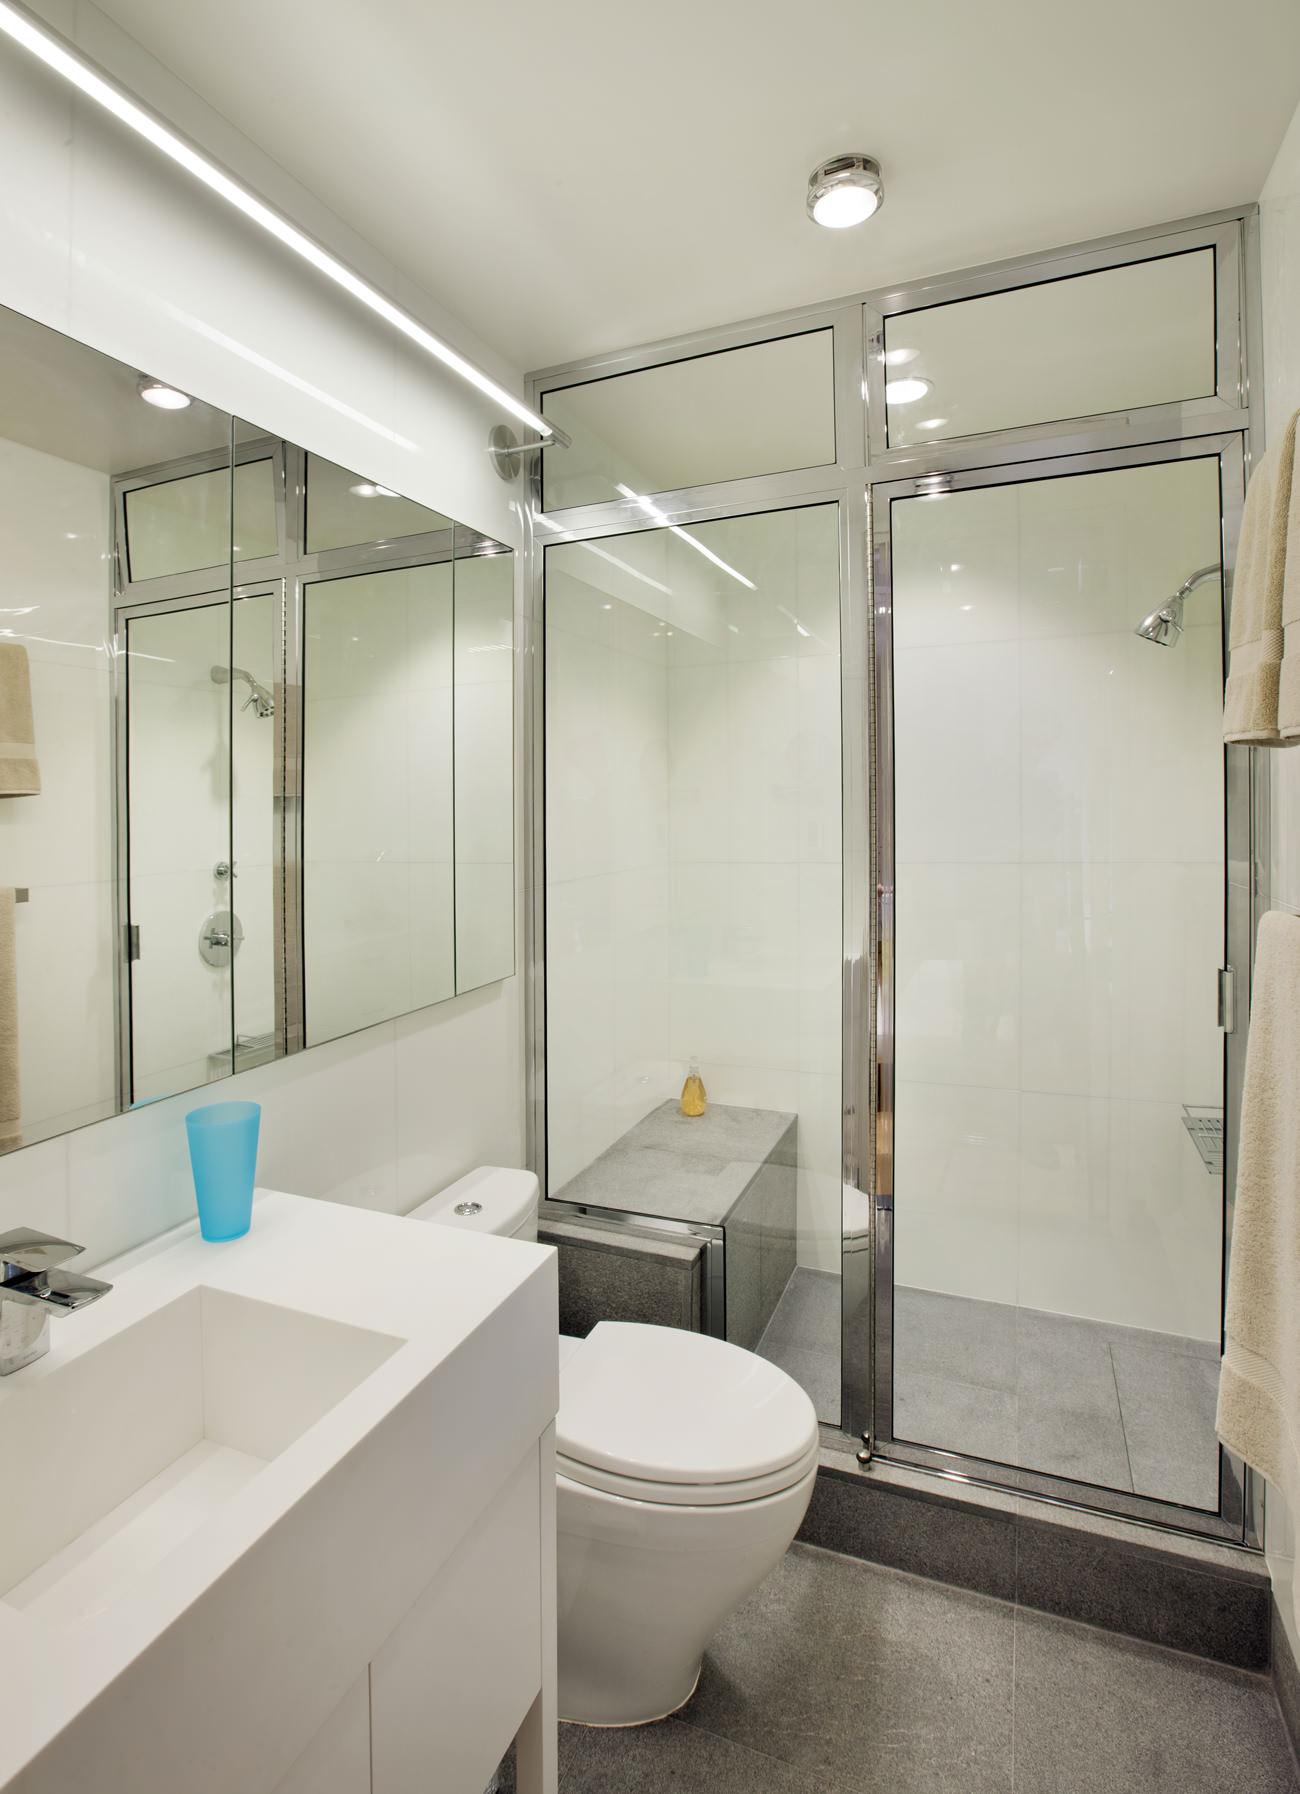 neveroqten-interior-na-mikro-apartament-s-obshta-plosht-ot-32-m-9g